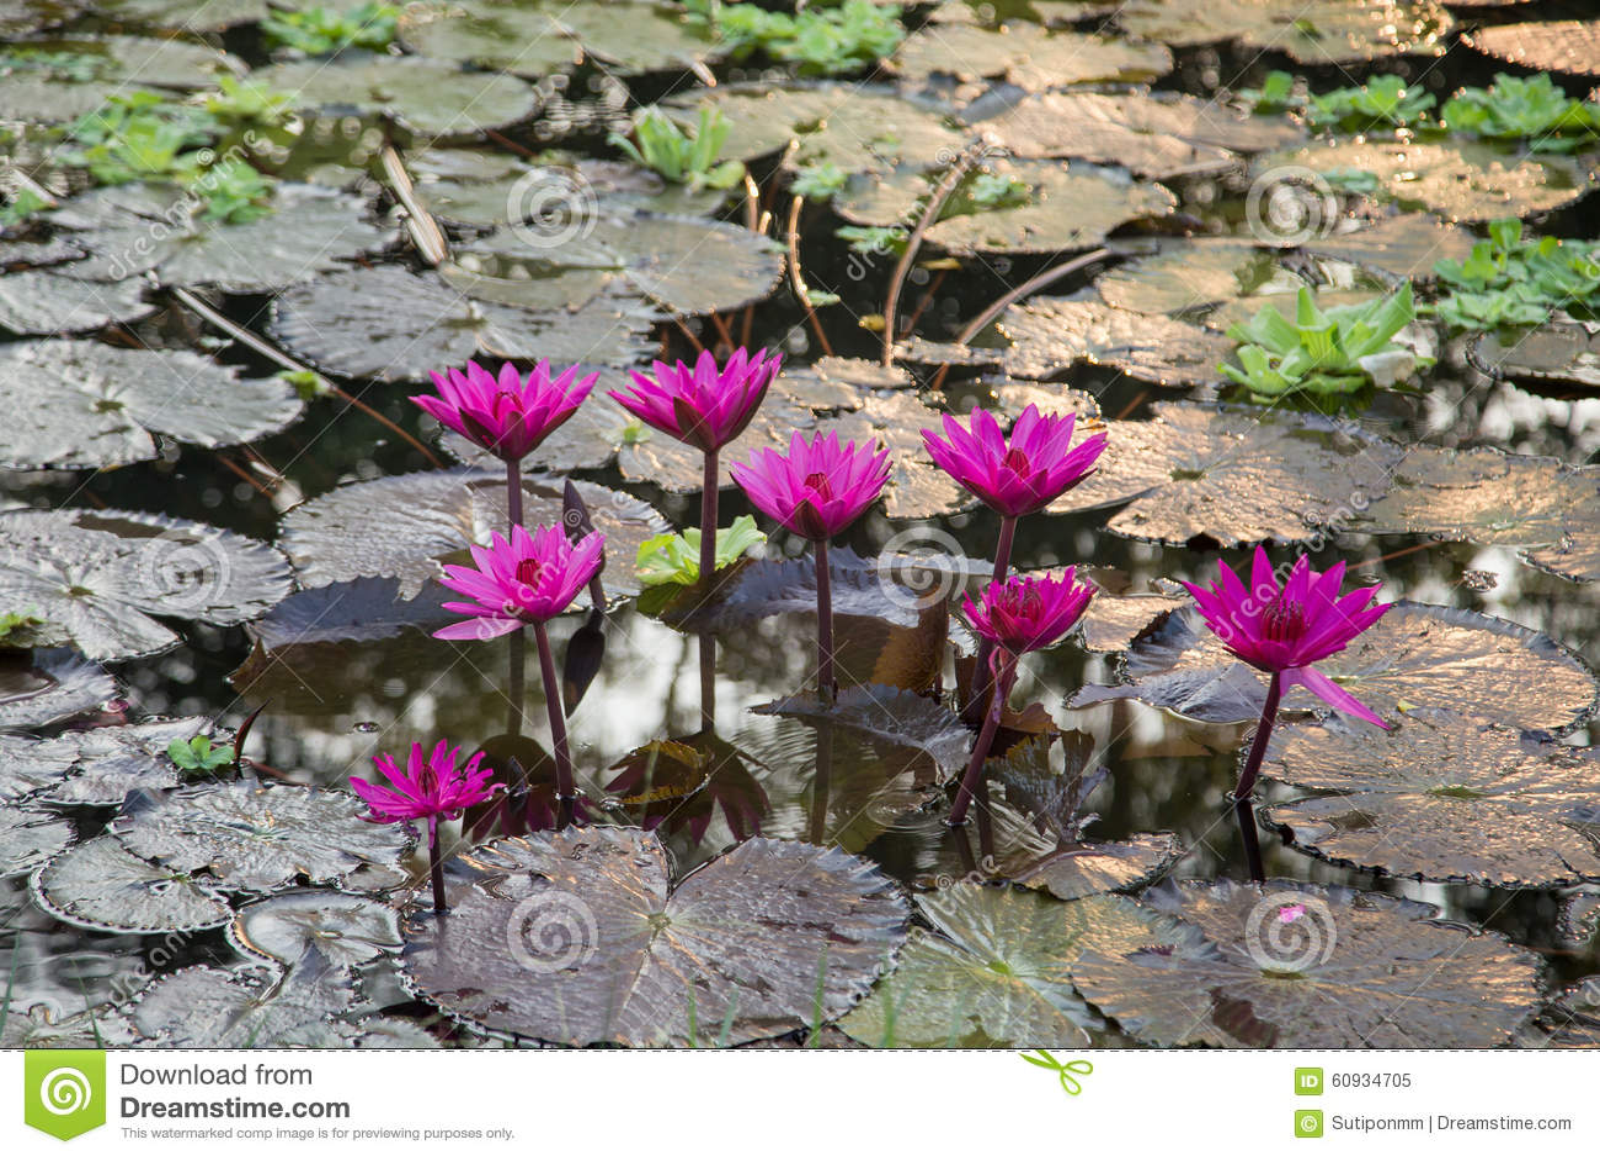 La fleur de lotus photo stock image 60934705 - La fleur de lotus ...